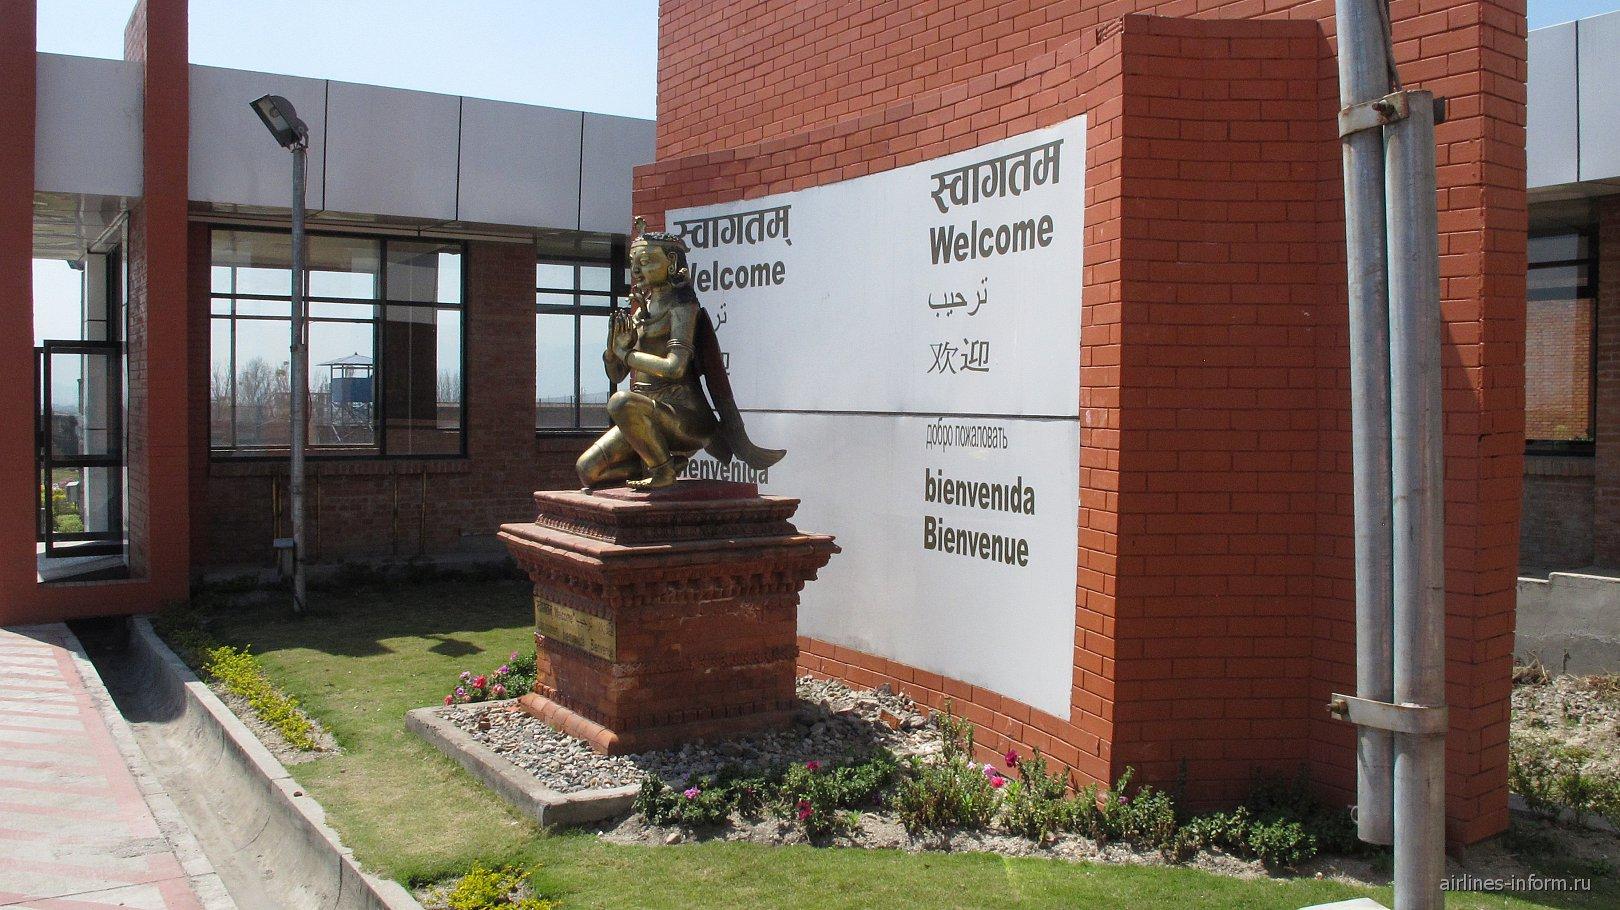 Статуя перед залом прилета аэропорта Катманду